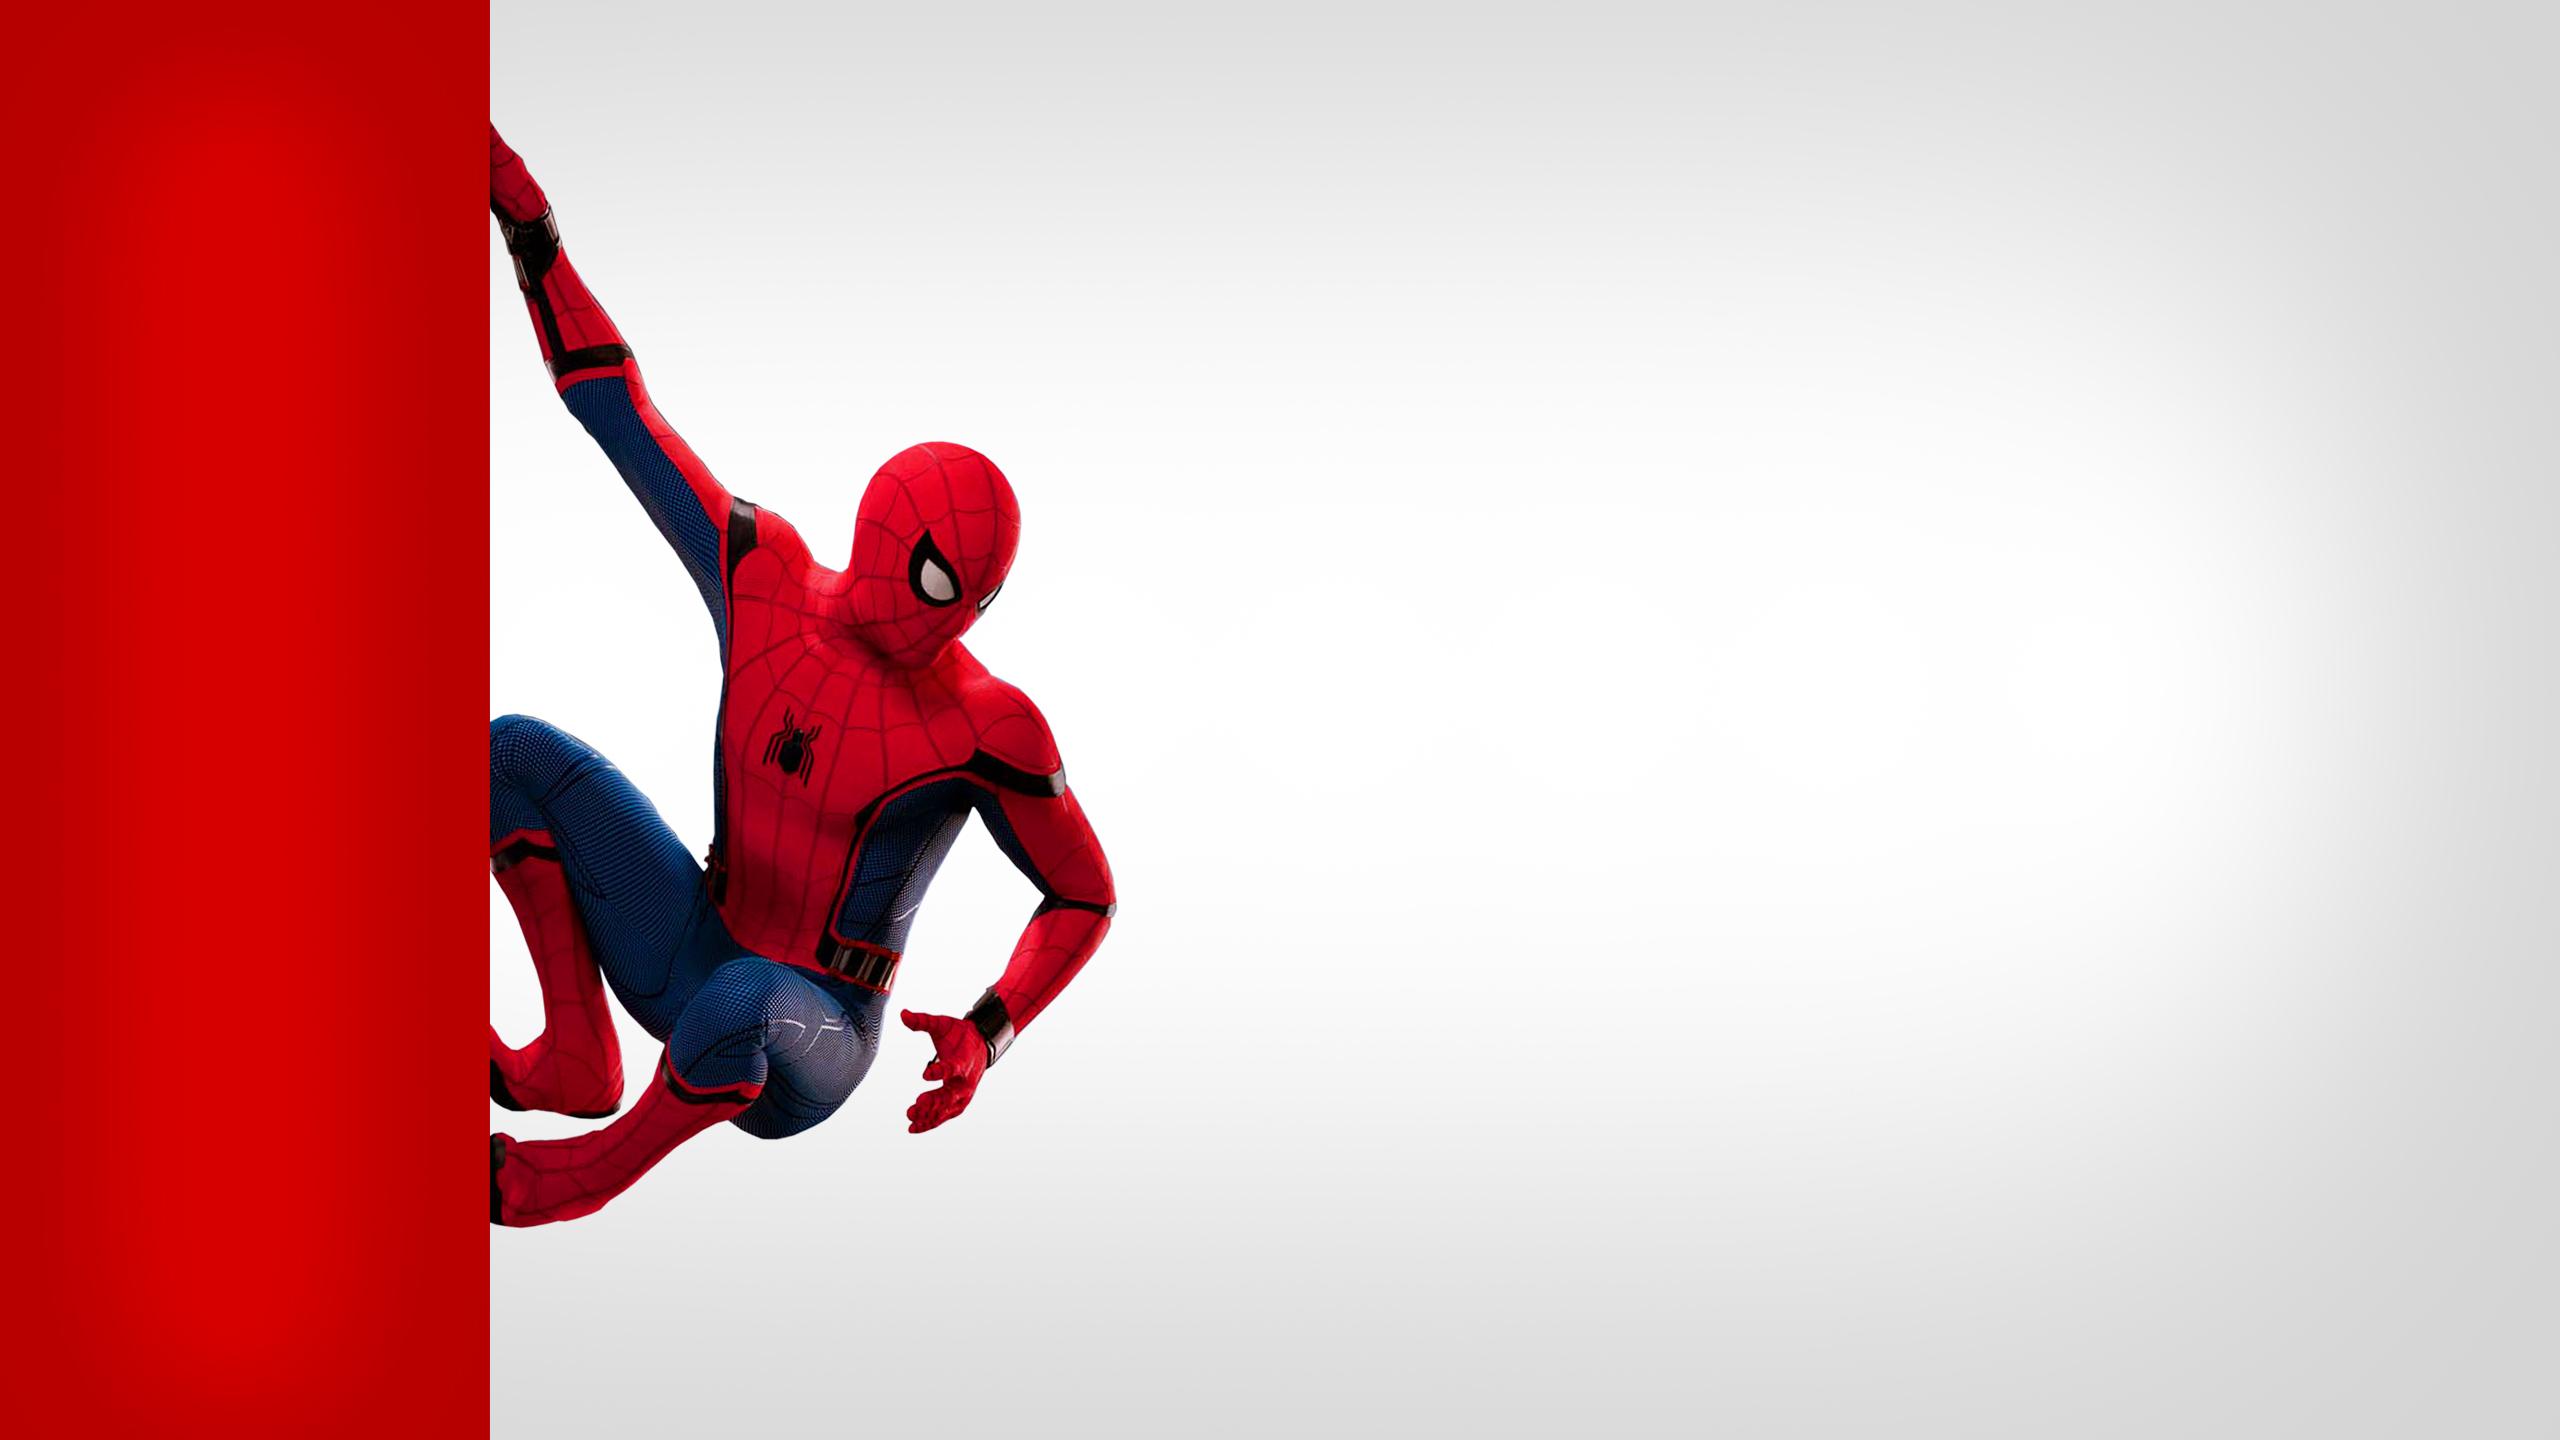 spiderman wallpaper 70 - [2560x1440]